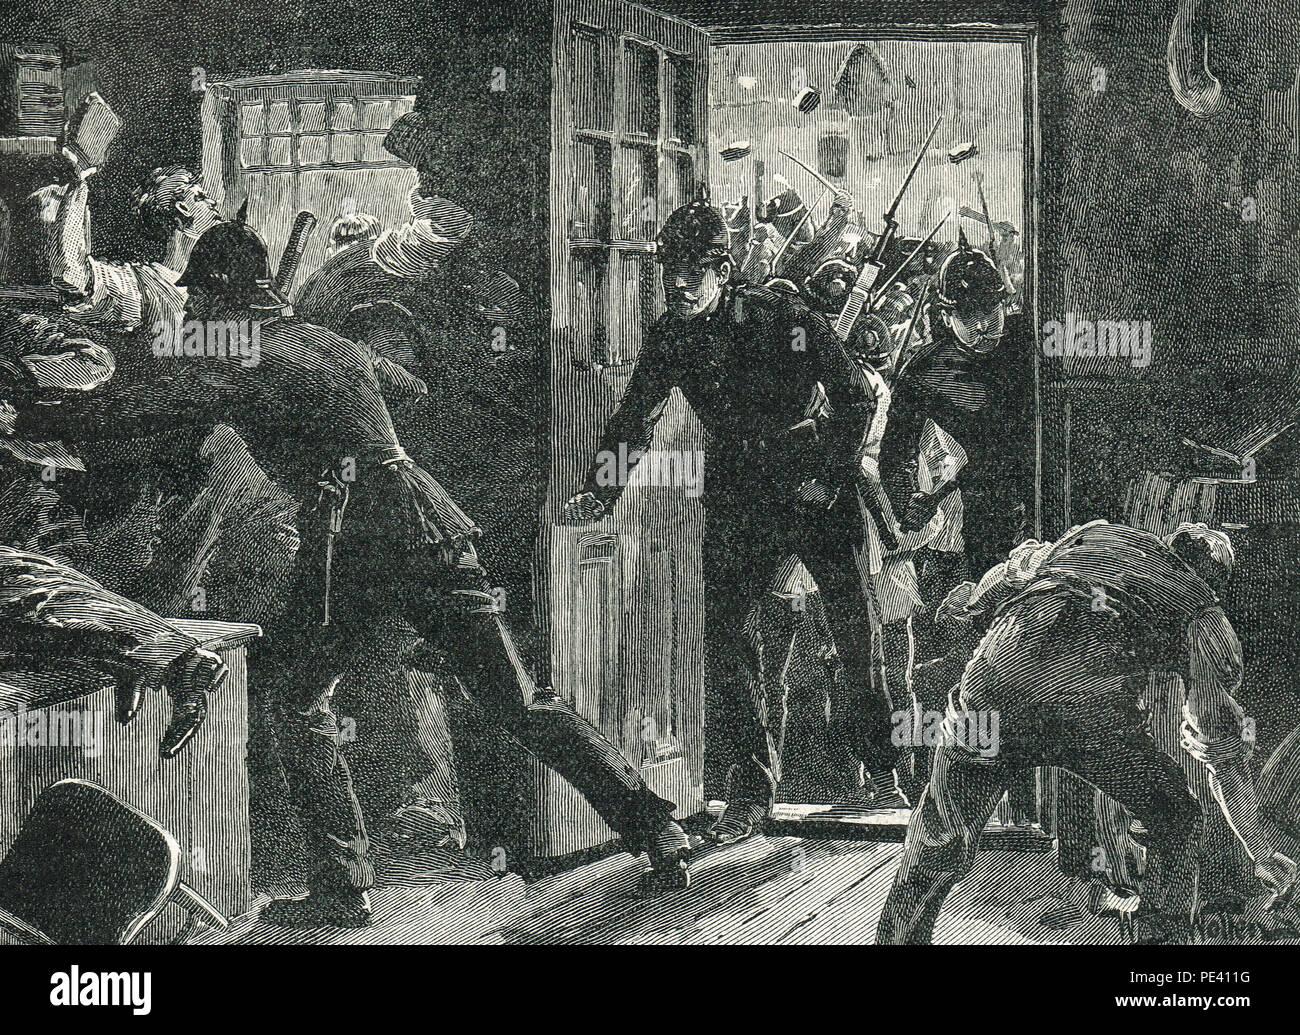 Lutte entre la police et les partisans de la Ligue nationale à Ennis, Irlande, 15 avril 1888 Photo Stock